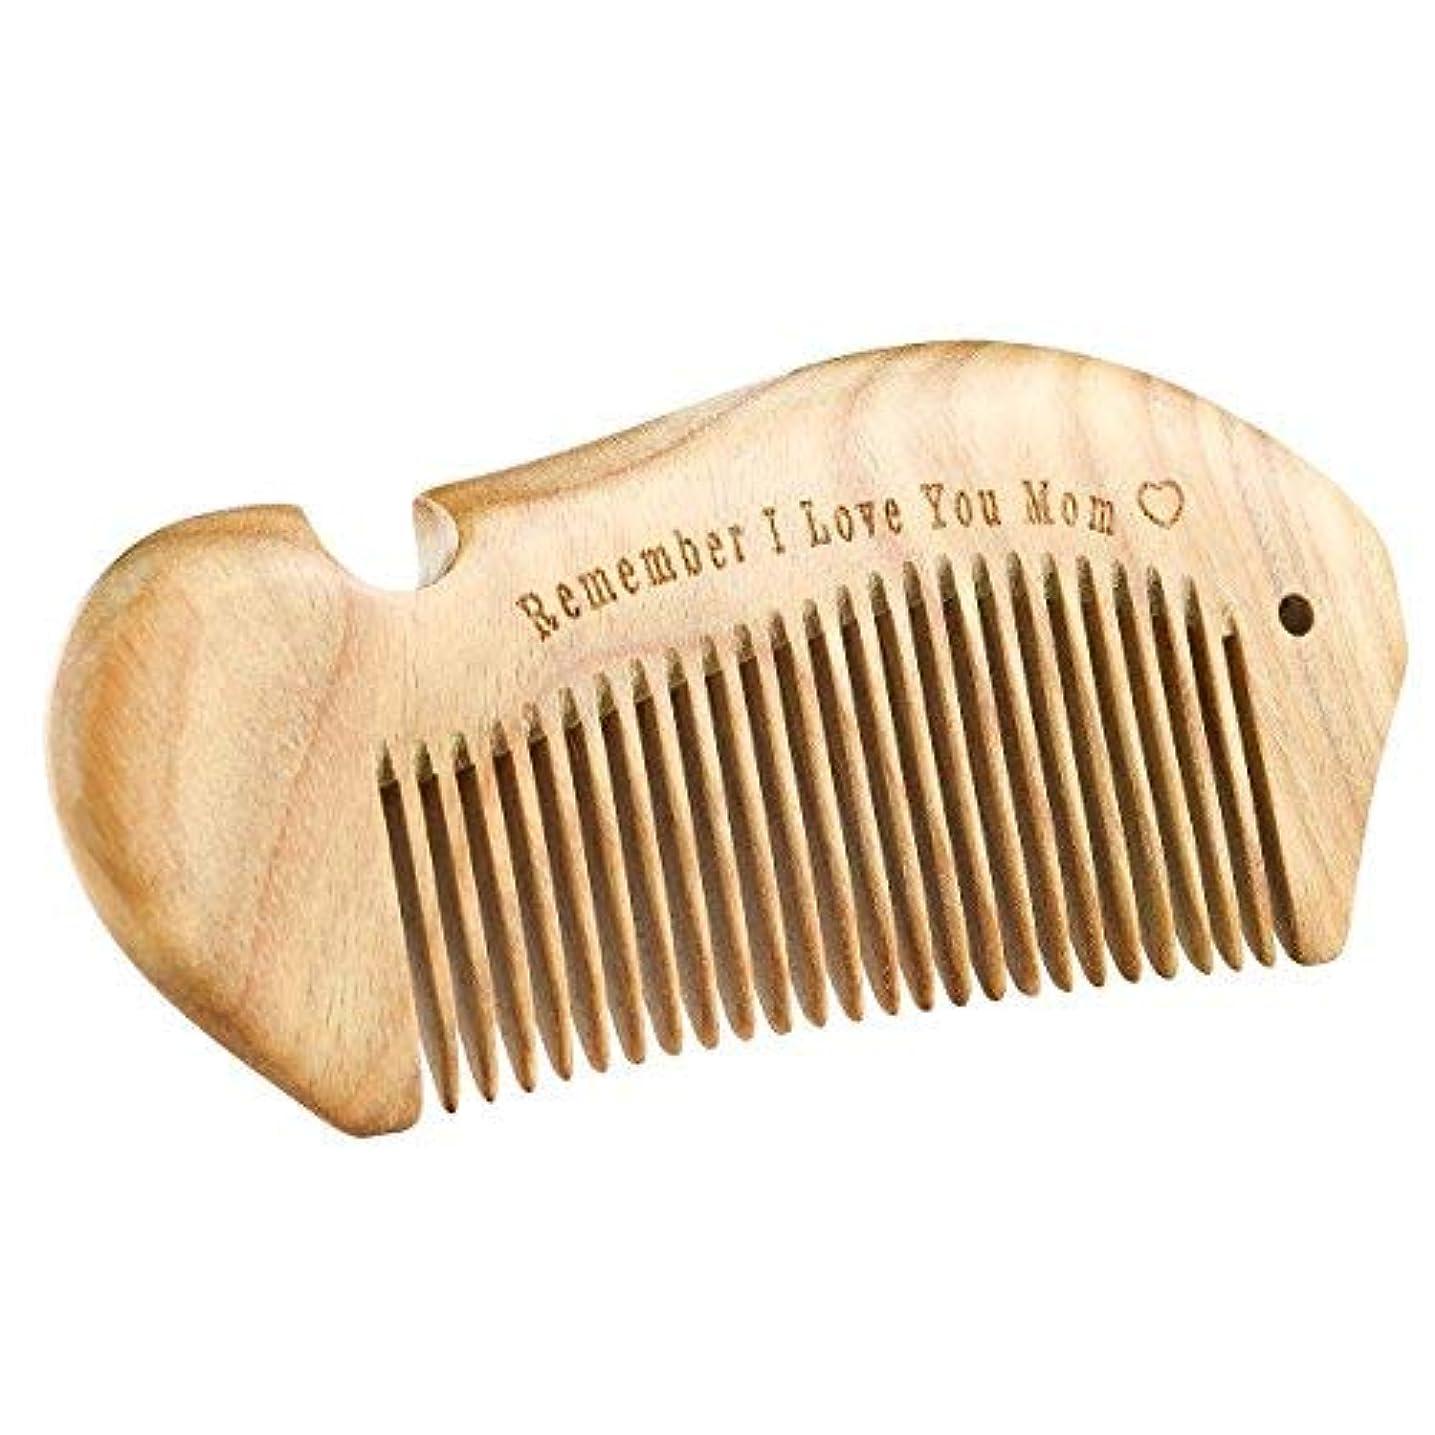 回答詳細に毒i.VALUX Handmade Sandalwood Hair Comb,No Static Natural Aroma Wood Comb for Curly Hair [並行輸入品]